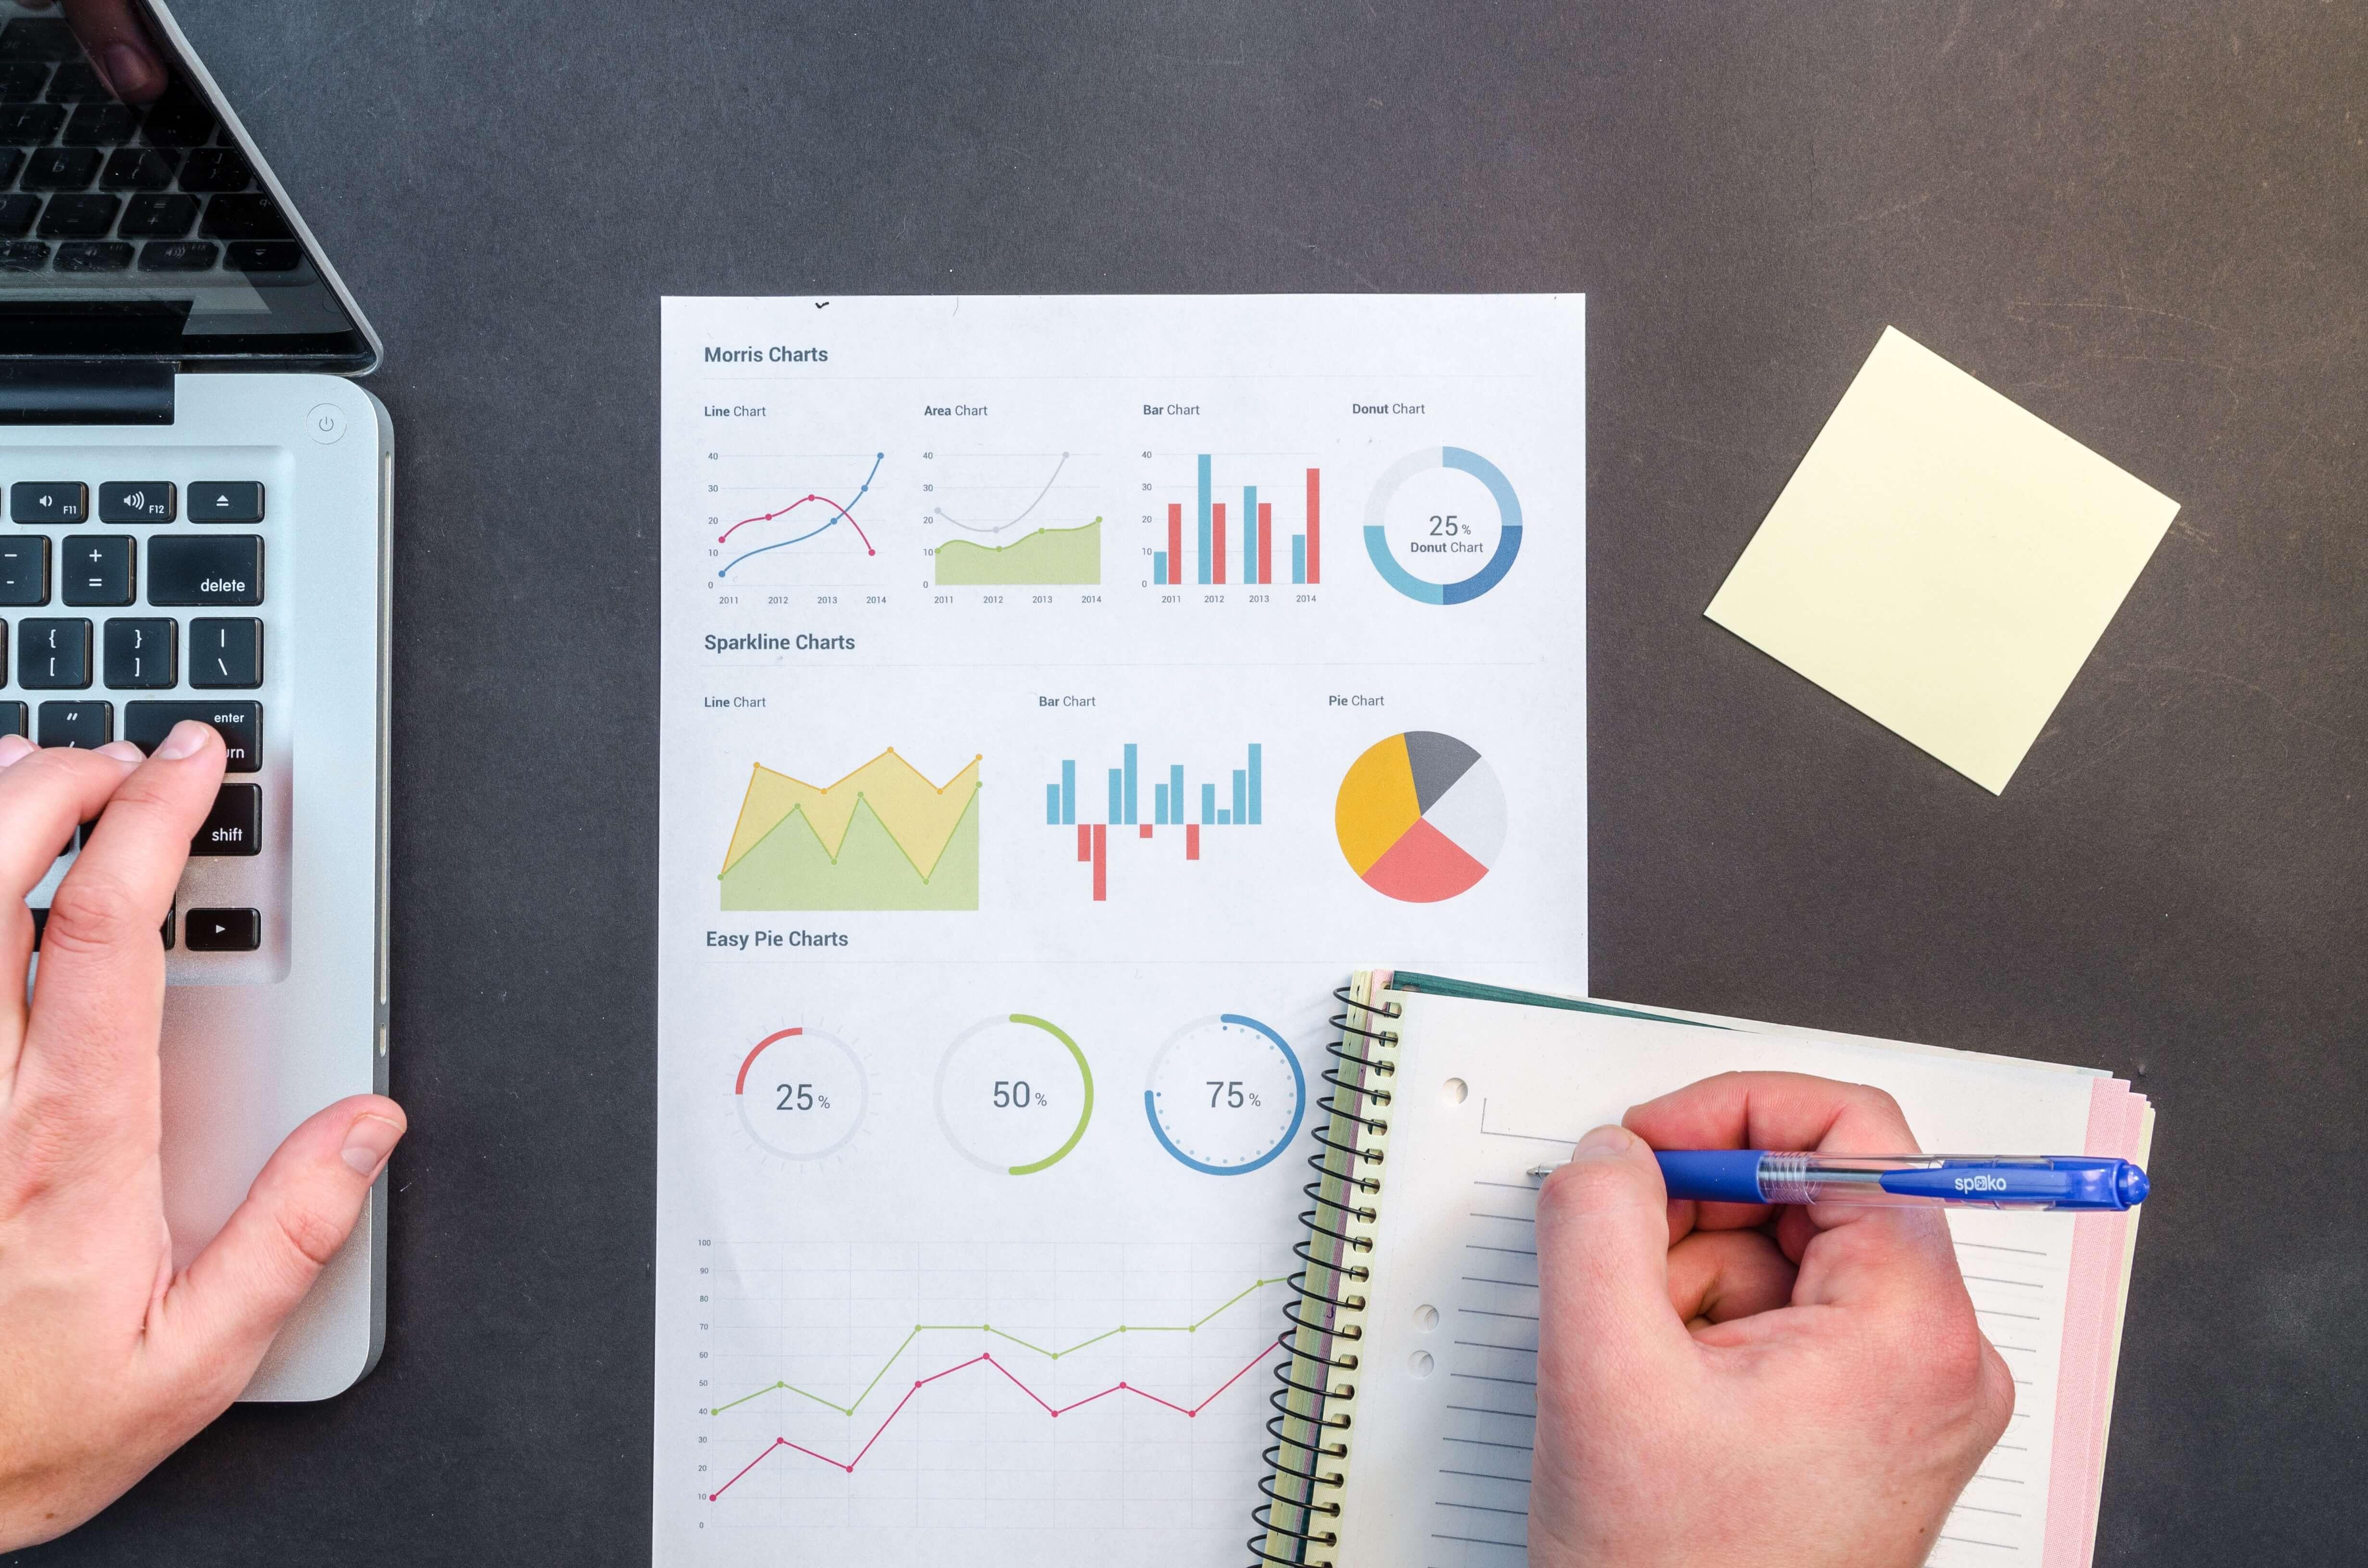 Jak agencje zawyżają wyniki, czyli frazy brandowe i SEO